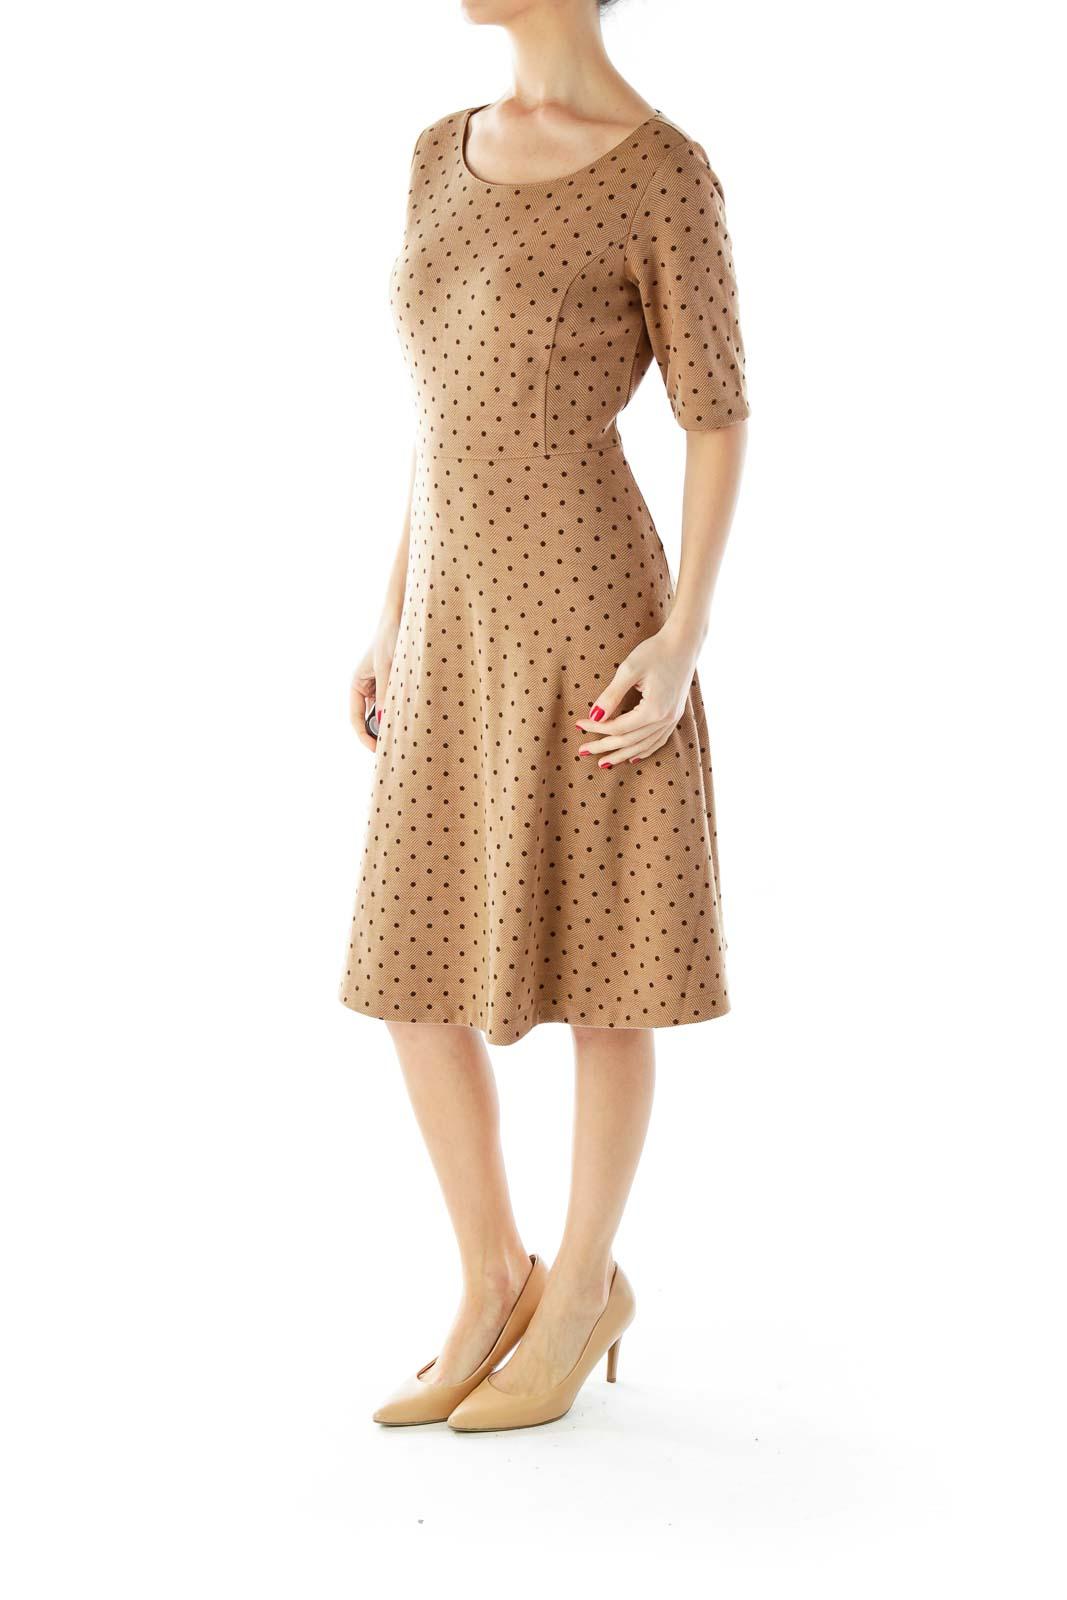 Brown Herringbone Polka-Dot Dress